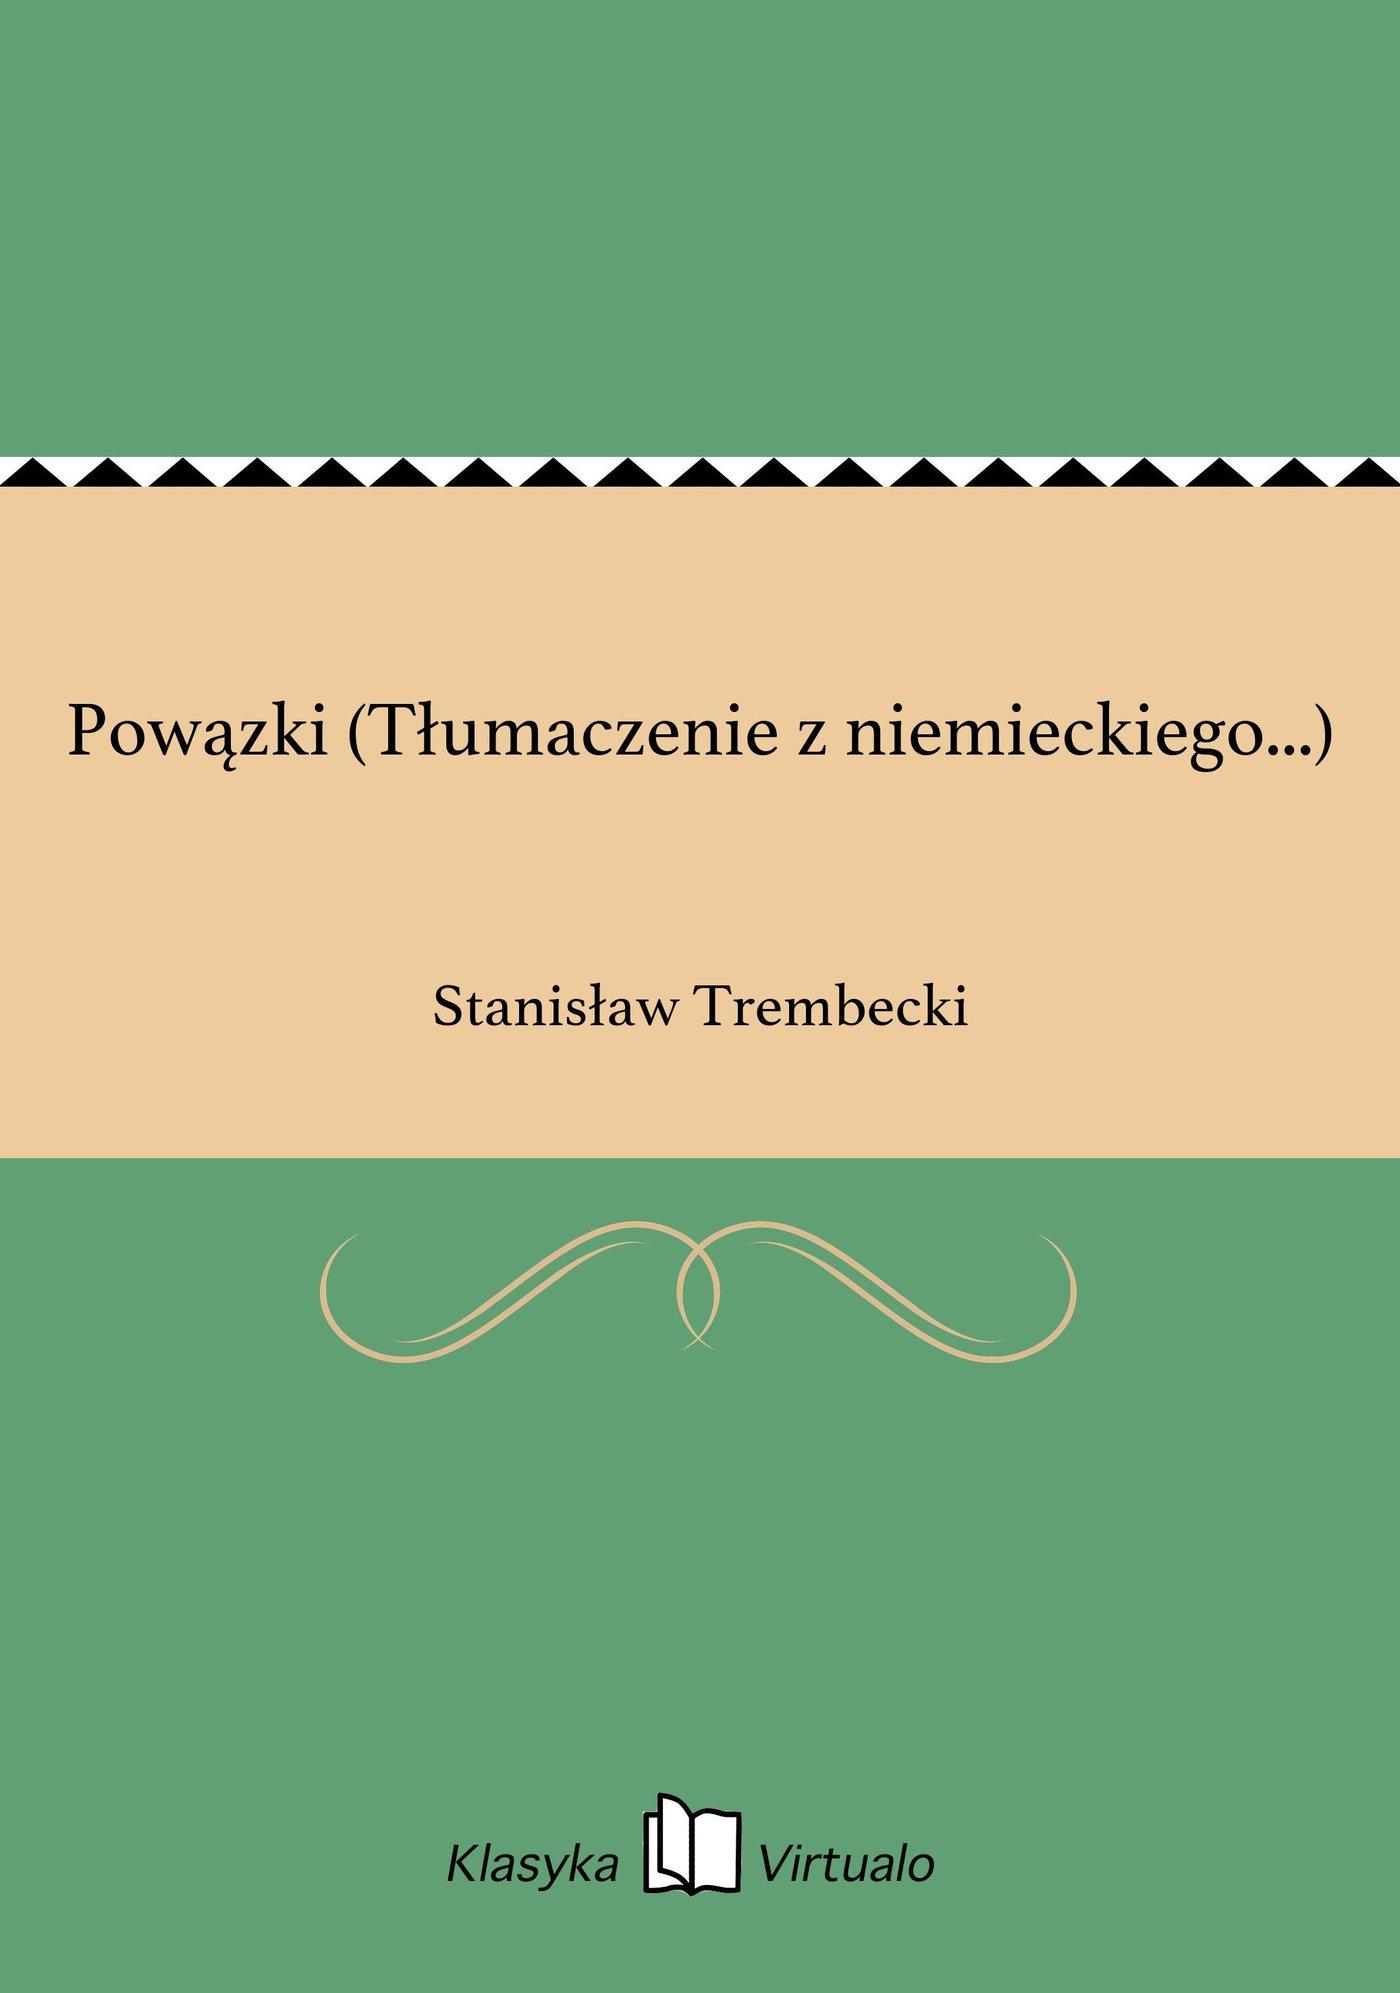 Powązki (Tłumaczenie z niemieckiego...) - Ebook (Książka EPUB) do pobrania w formacie EPUB